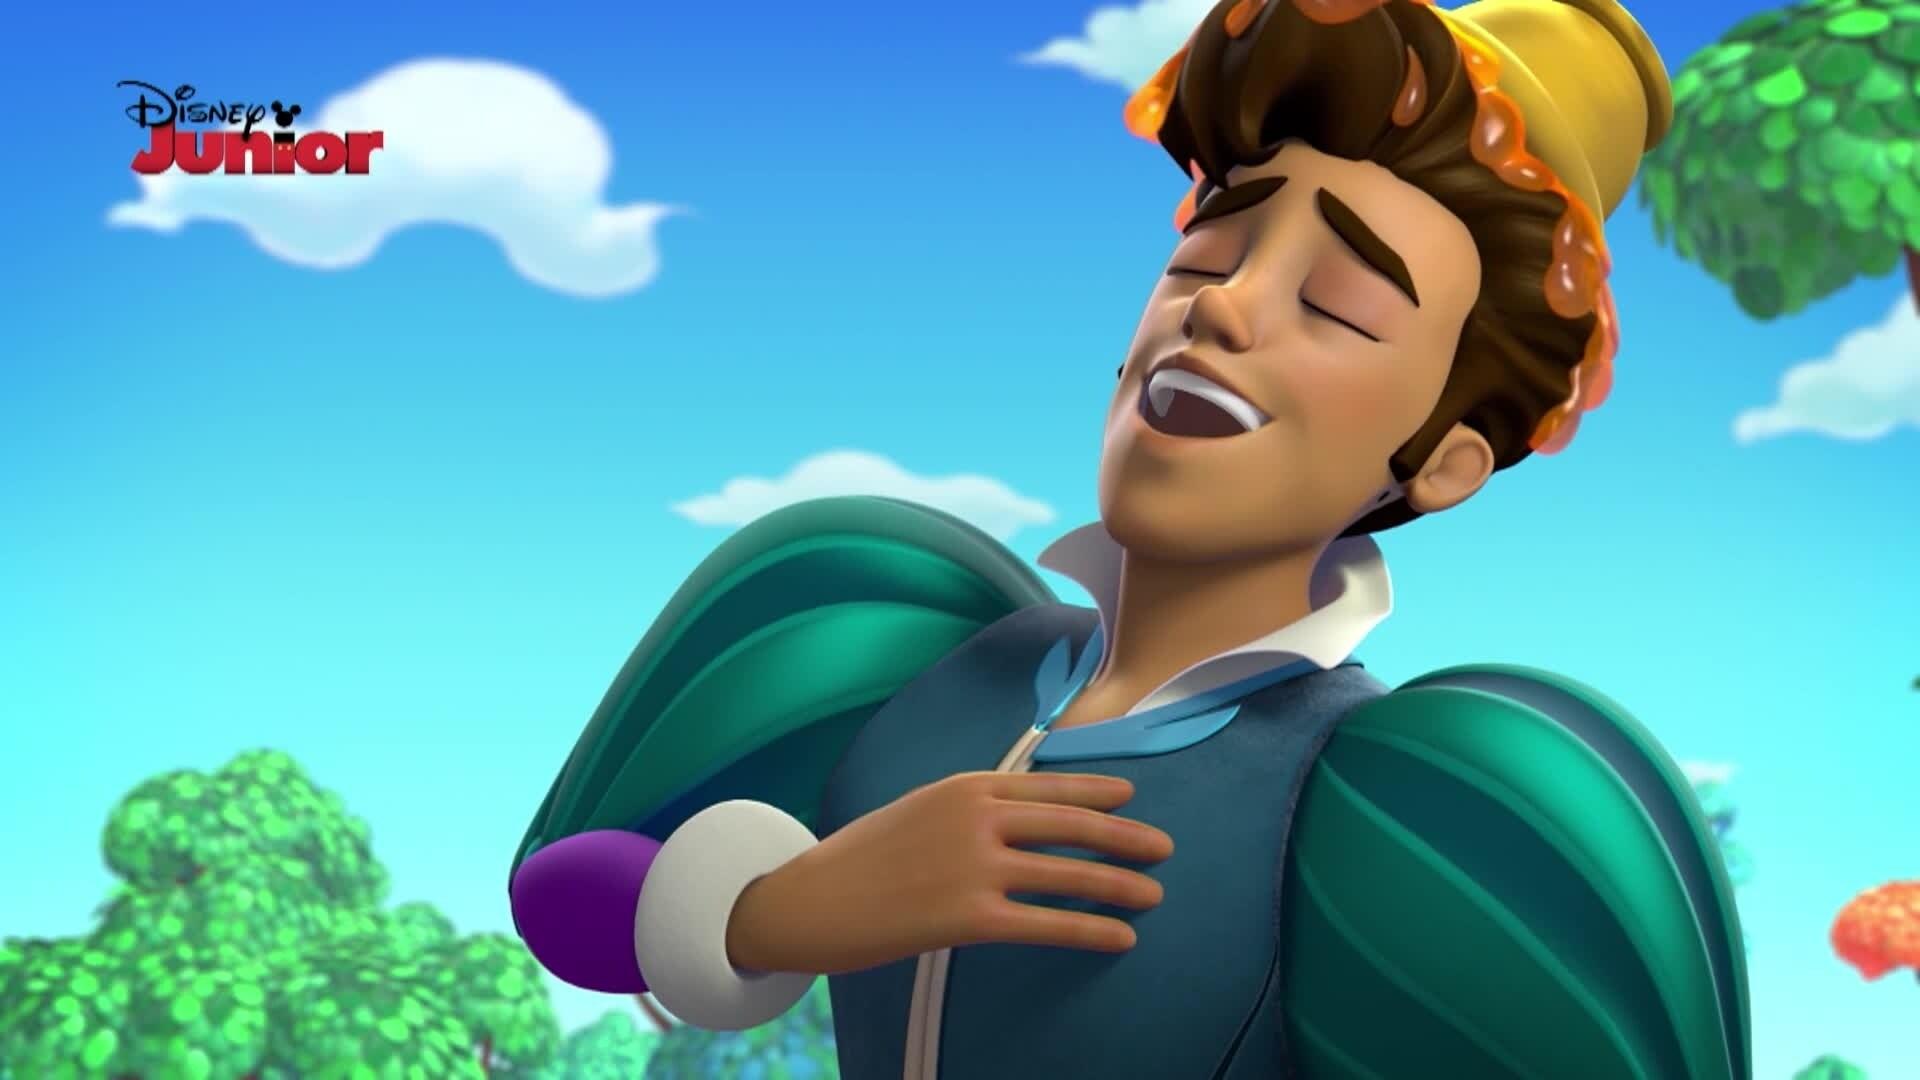 Será o Príncipe Encantador?